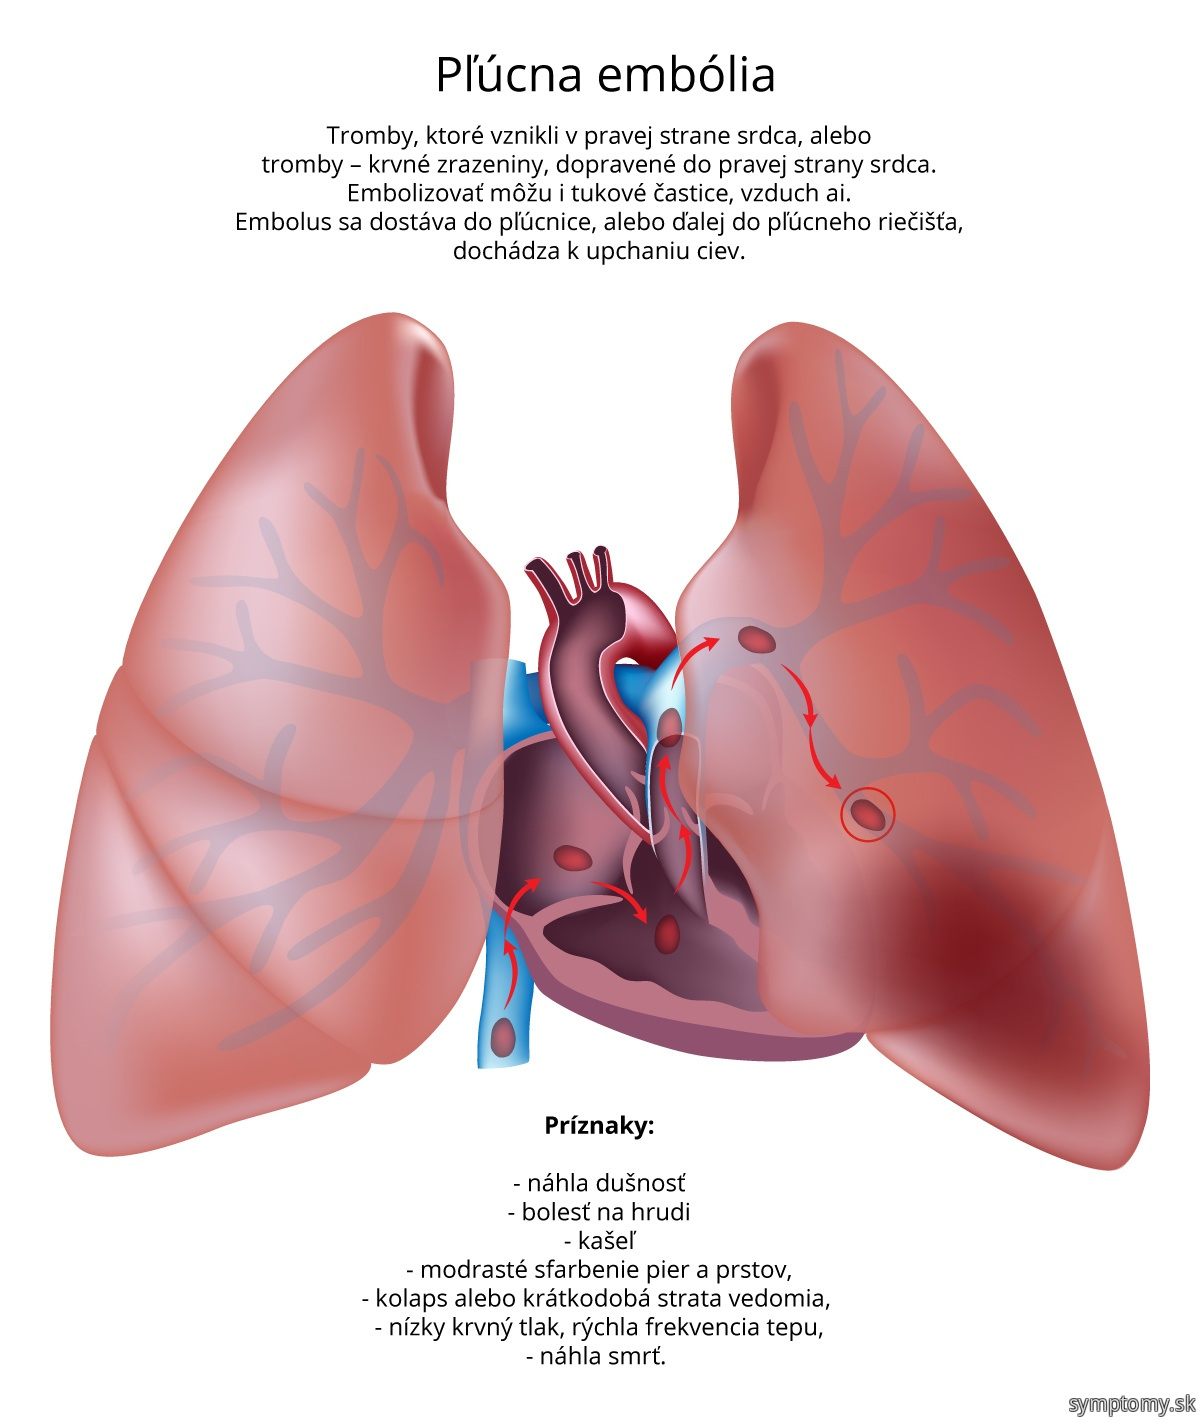 Pľúcna-embólia